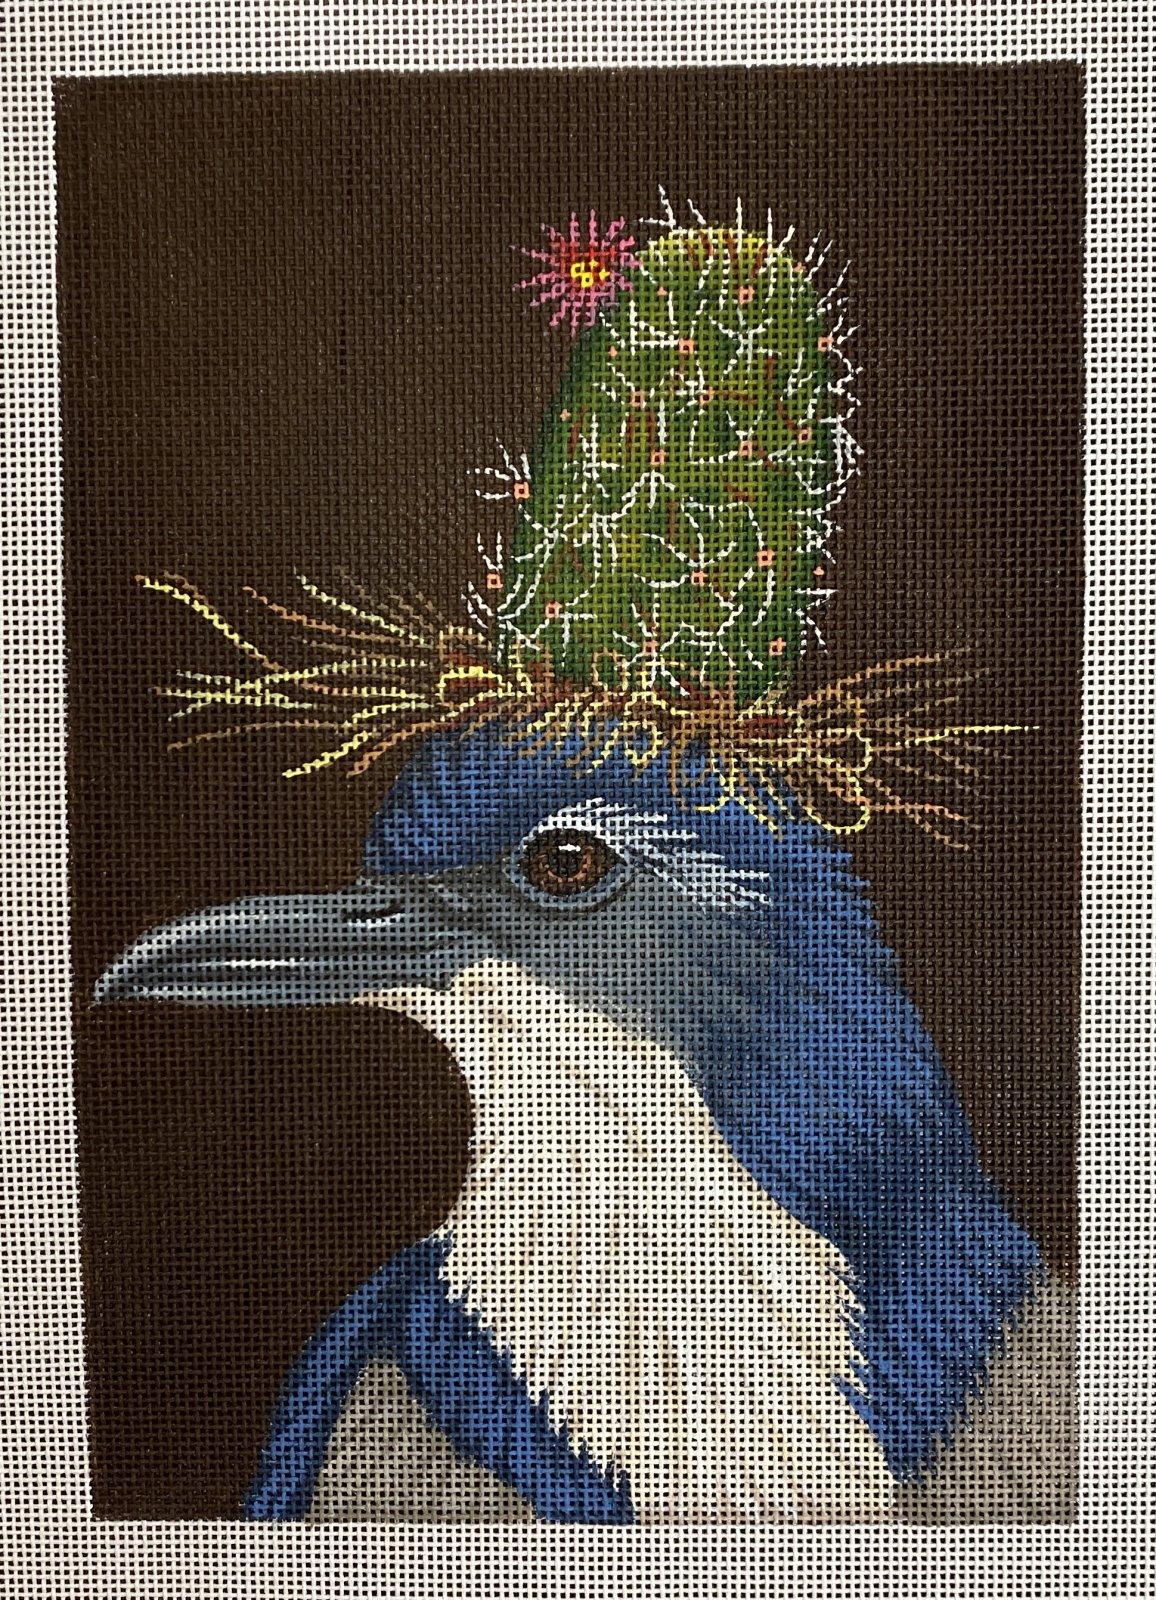 cactus bluebird